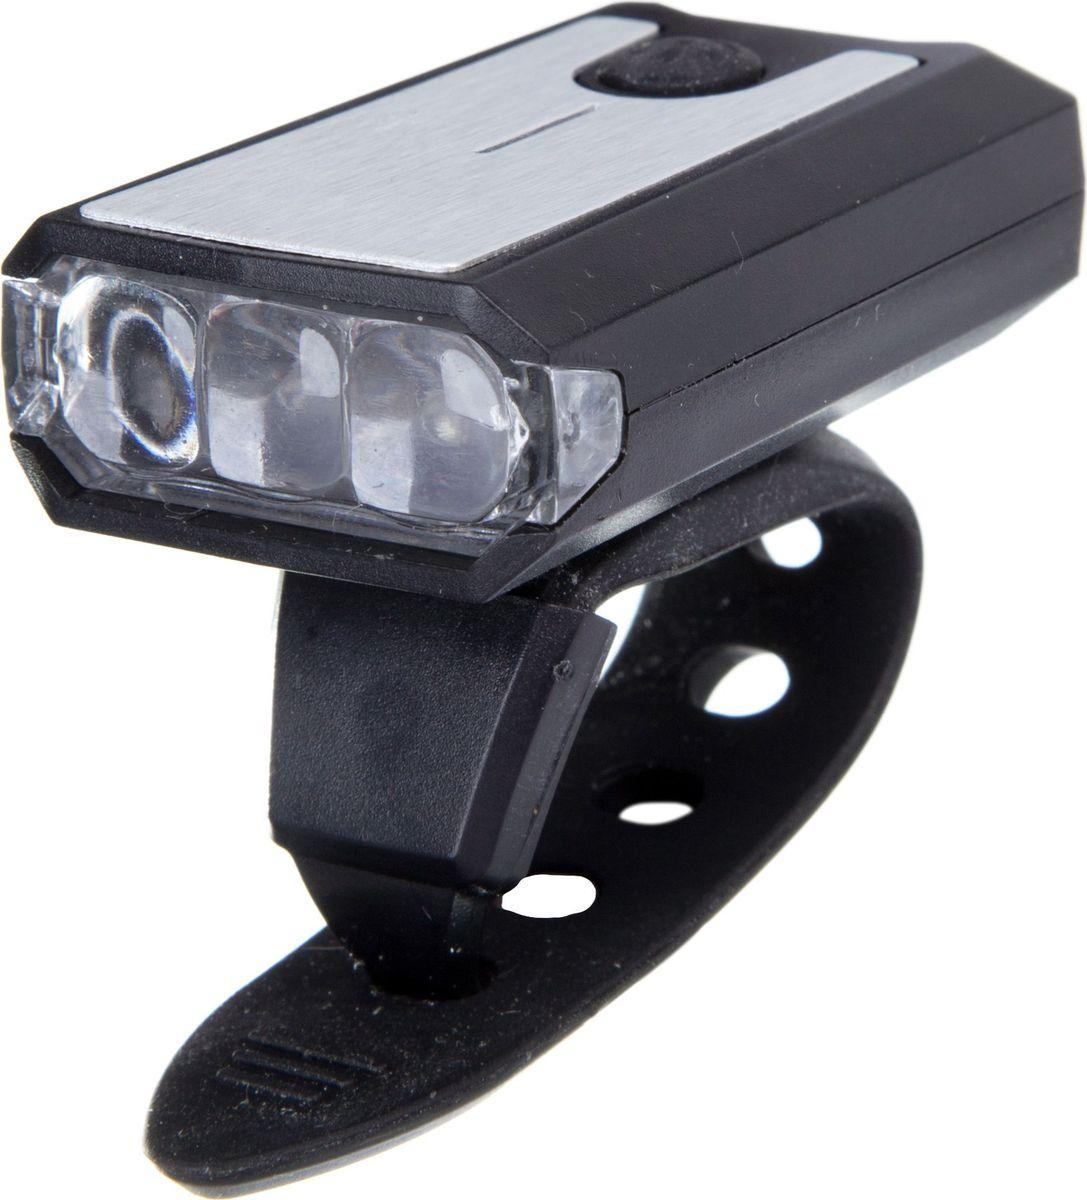 Фонарь велосипедный STG JY7015, передний, с зарядкой от USBХ81481Передний велофонарь STG JY7015 предназначен для обеспечения большей безопасности при поездках в темное время суток. Он легко крепится и снимается без дополнительных инструментов. Корпус изделия выполнен из прочного алюминия, пластика и резины. Фонарь имеет 2 режима: свечение и мерцание. Фонарь питается от литиевой батарейки (3,7V/300mAh), заряжающегося от компьютера при помощи USB кабеля.Размер фонаря: 4,3 х 4,3 х 4,3 см.